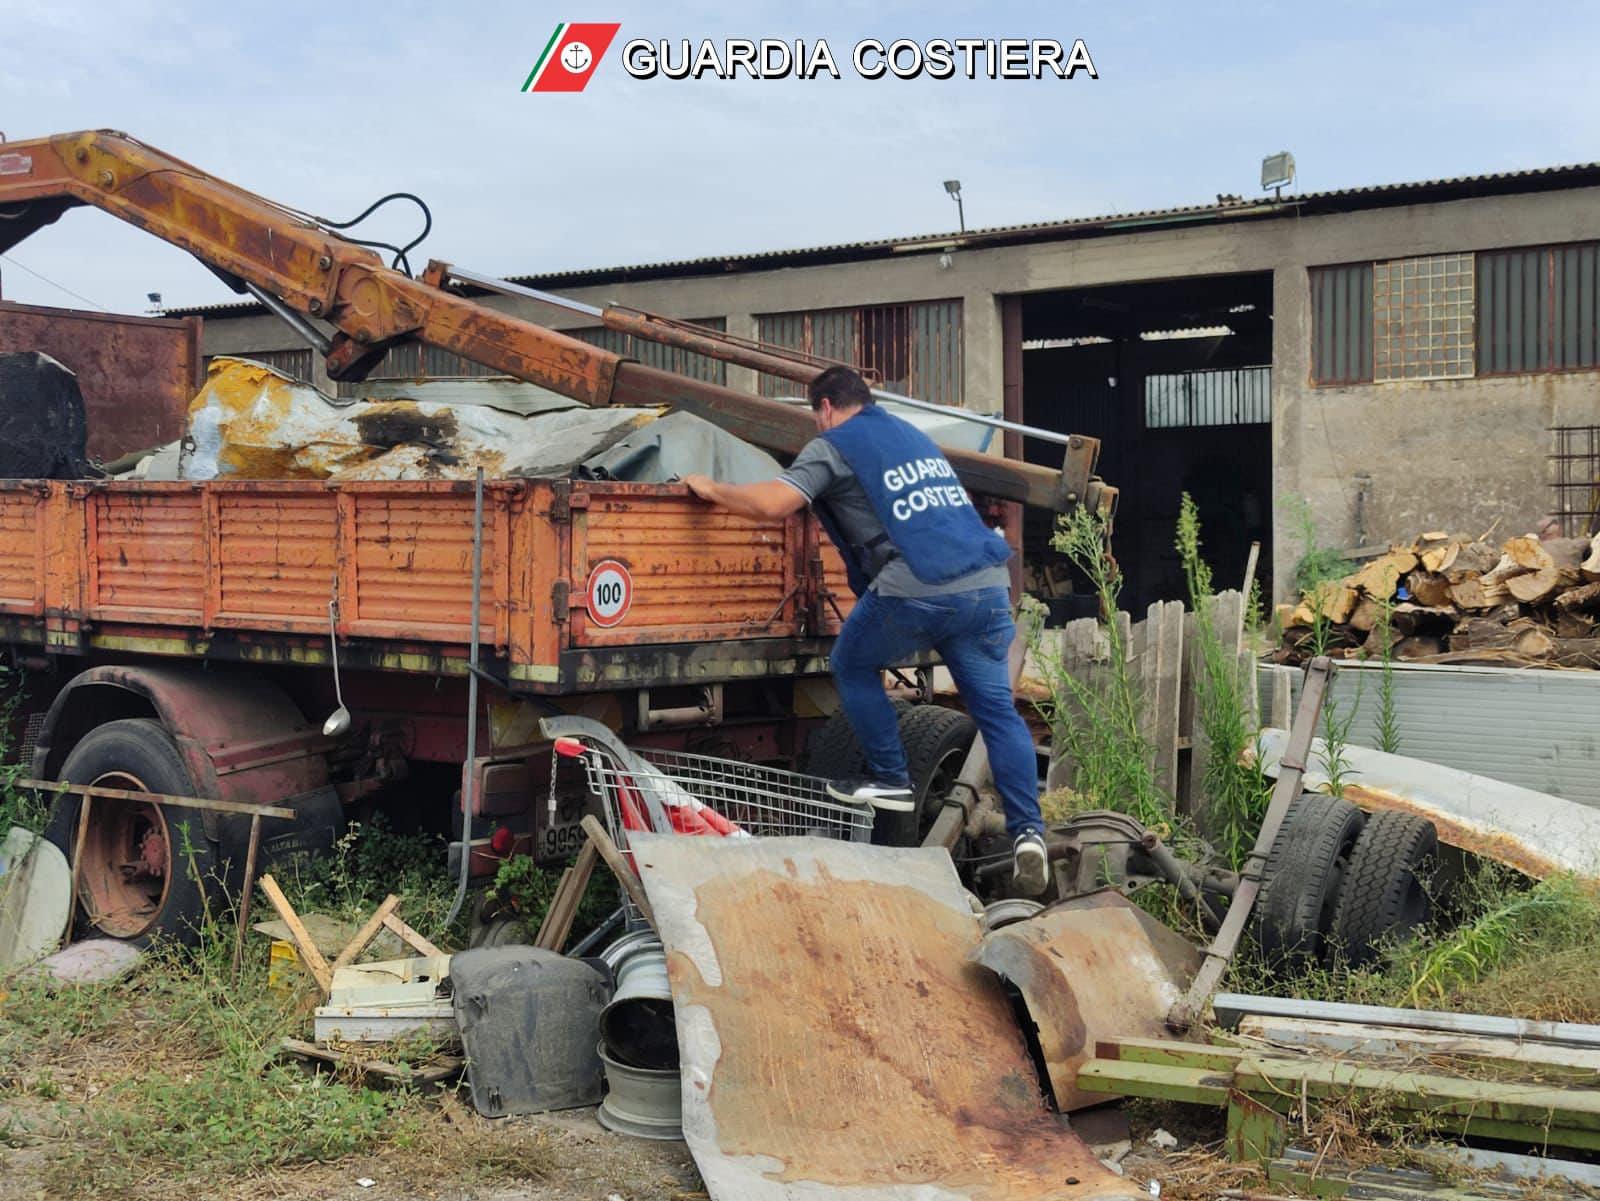 Veicoli, amianto, copertoni e rifiuti: maxi sequestro a Catania, 4 denunciati